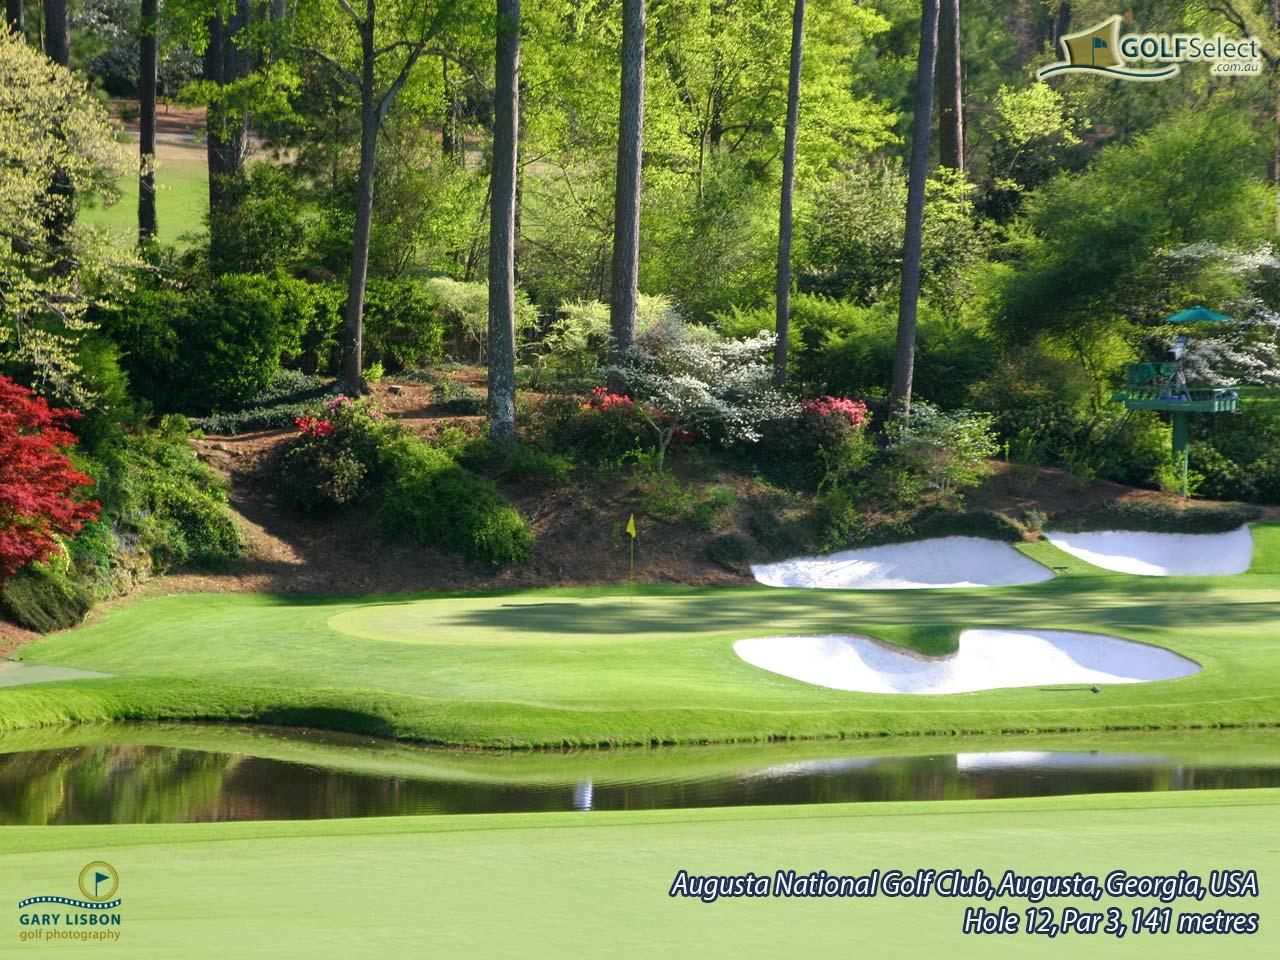 Golf Wallpaper – Augusta National – Hole 12, Par 3, 141 metres